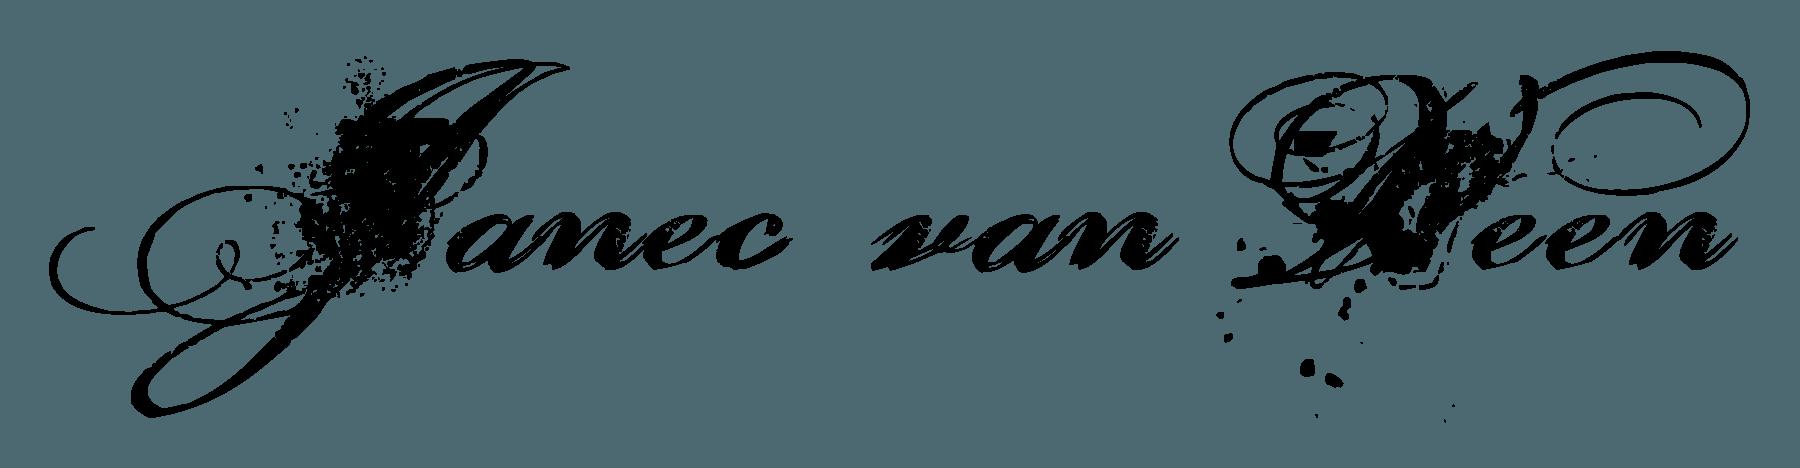 Janec van Veen